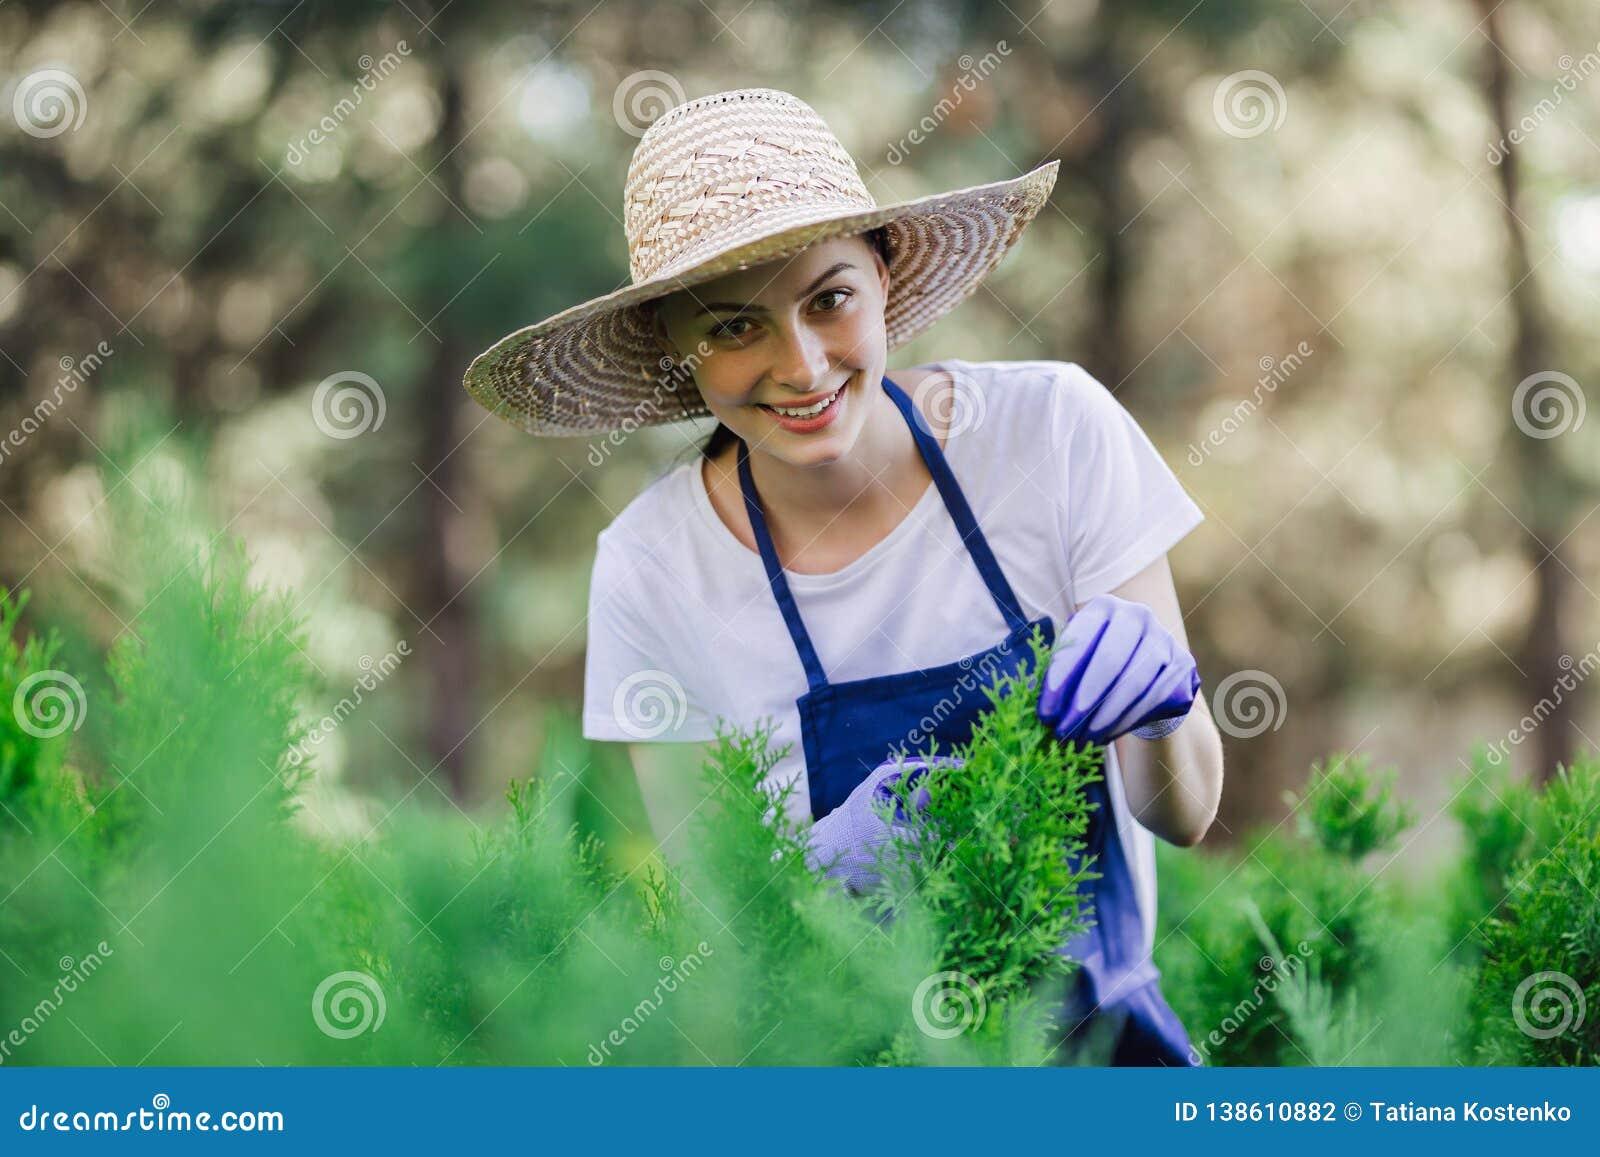 Kobieta używa ogrodnictwa narzędzie żyłować żywopłot, tnący krzaki z ogrodowymi strzyżeniami